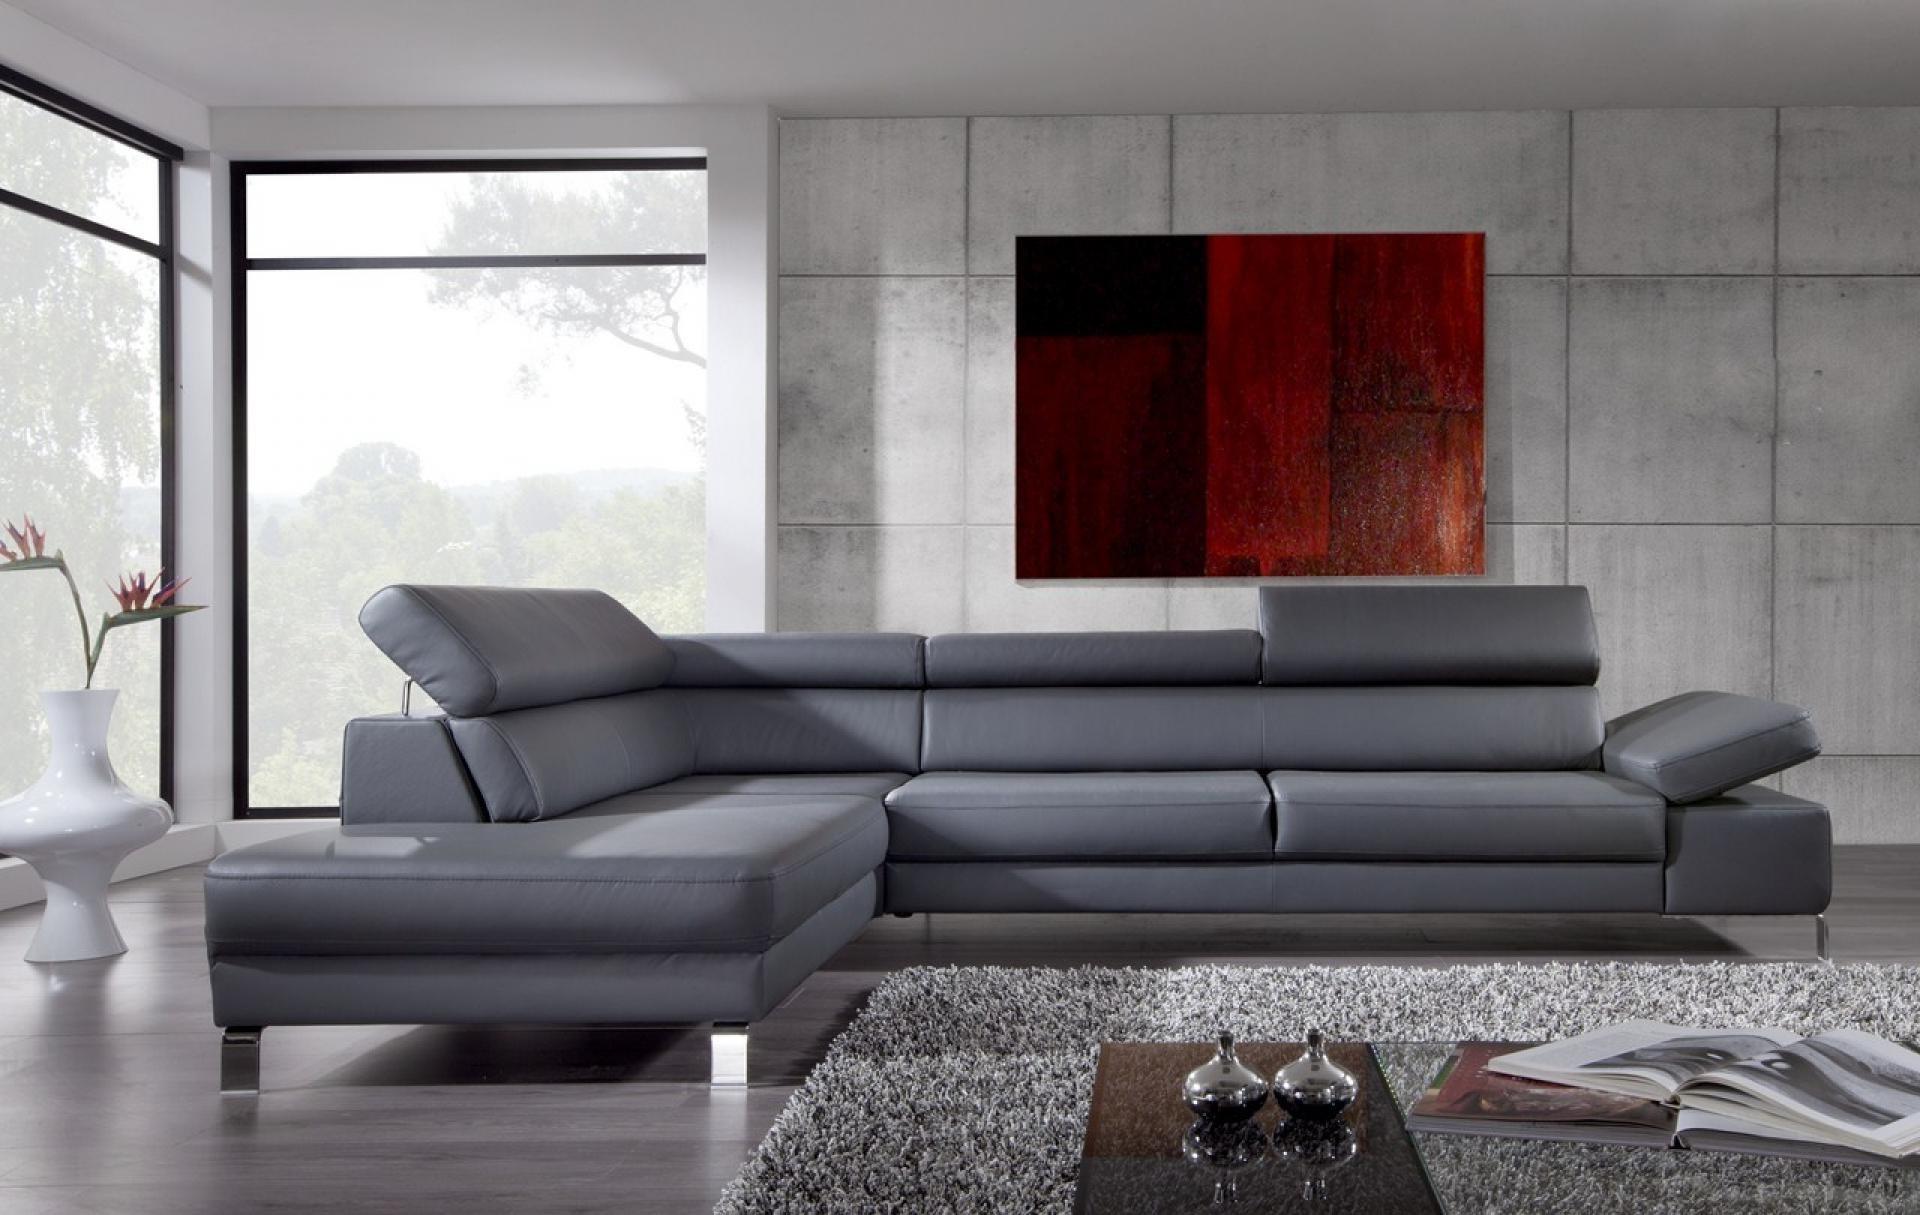 Canapé D'angle Cuir Design Italien